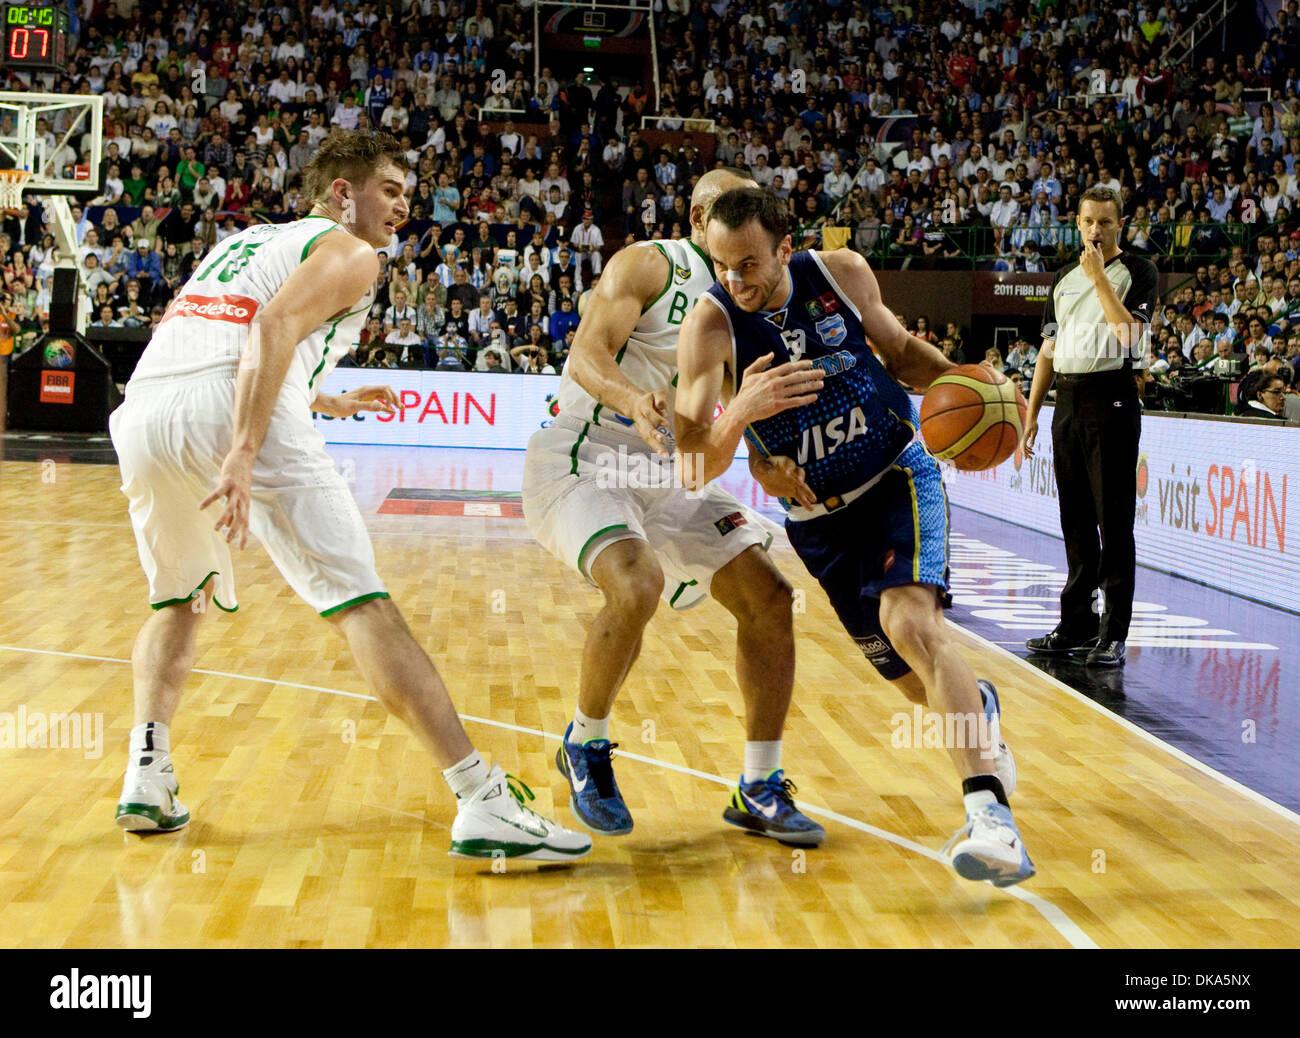 11 septembre 2011 - Mar del Plata, Buenos Aires, Argentine - Argentine MANU GINOBILI du Brésil en dribblant Tiago Banque D'Images